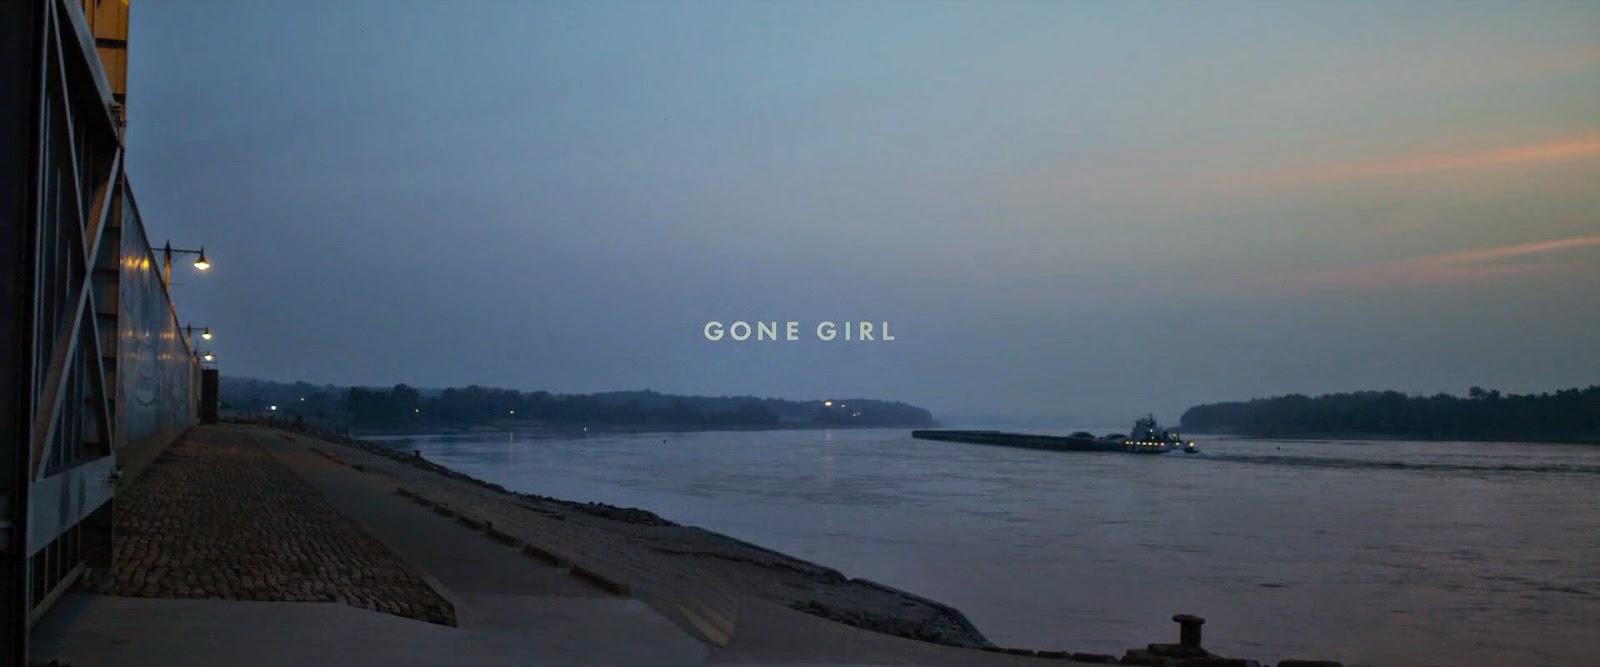 Gone Girl (2014) S2 s Gone Girl (2014)